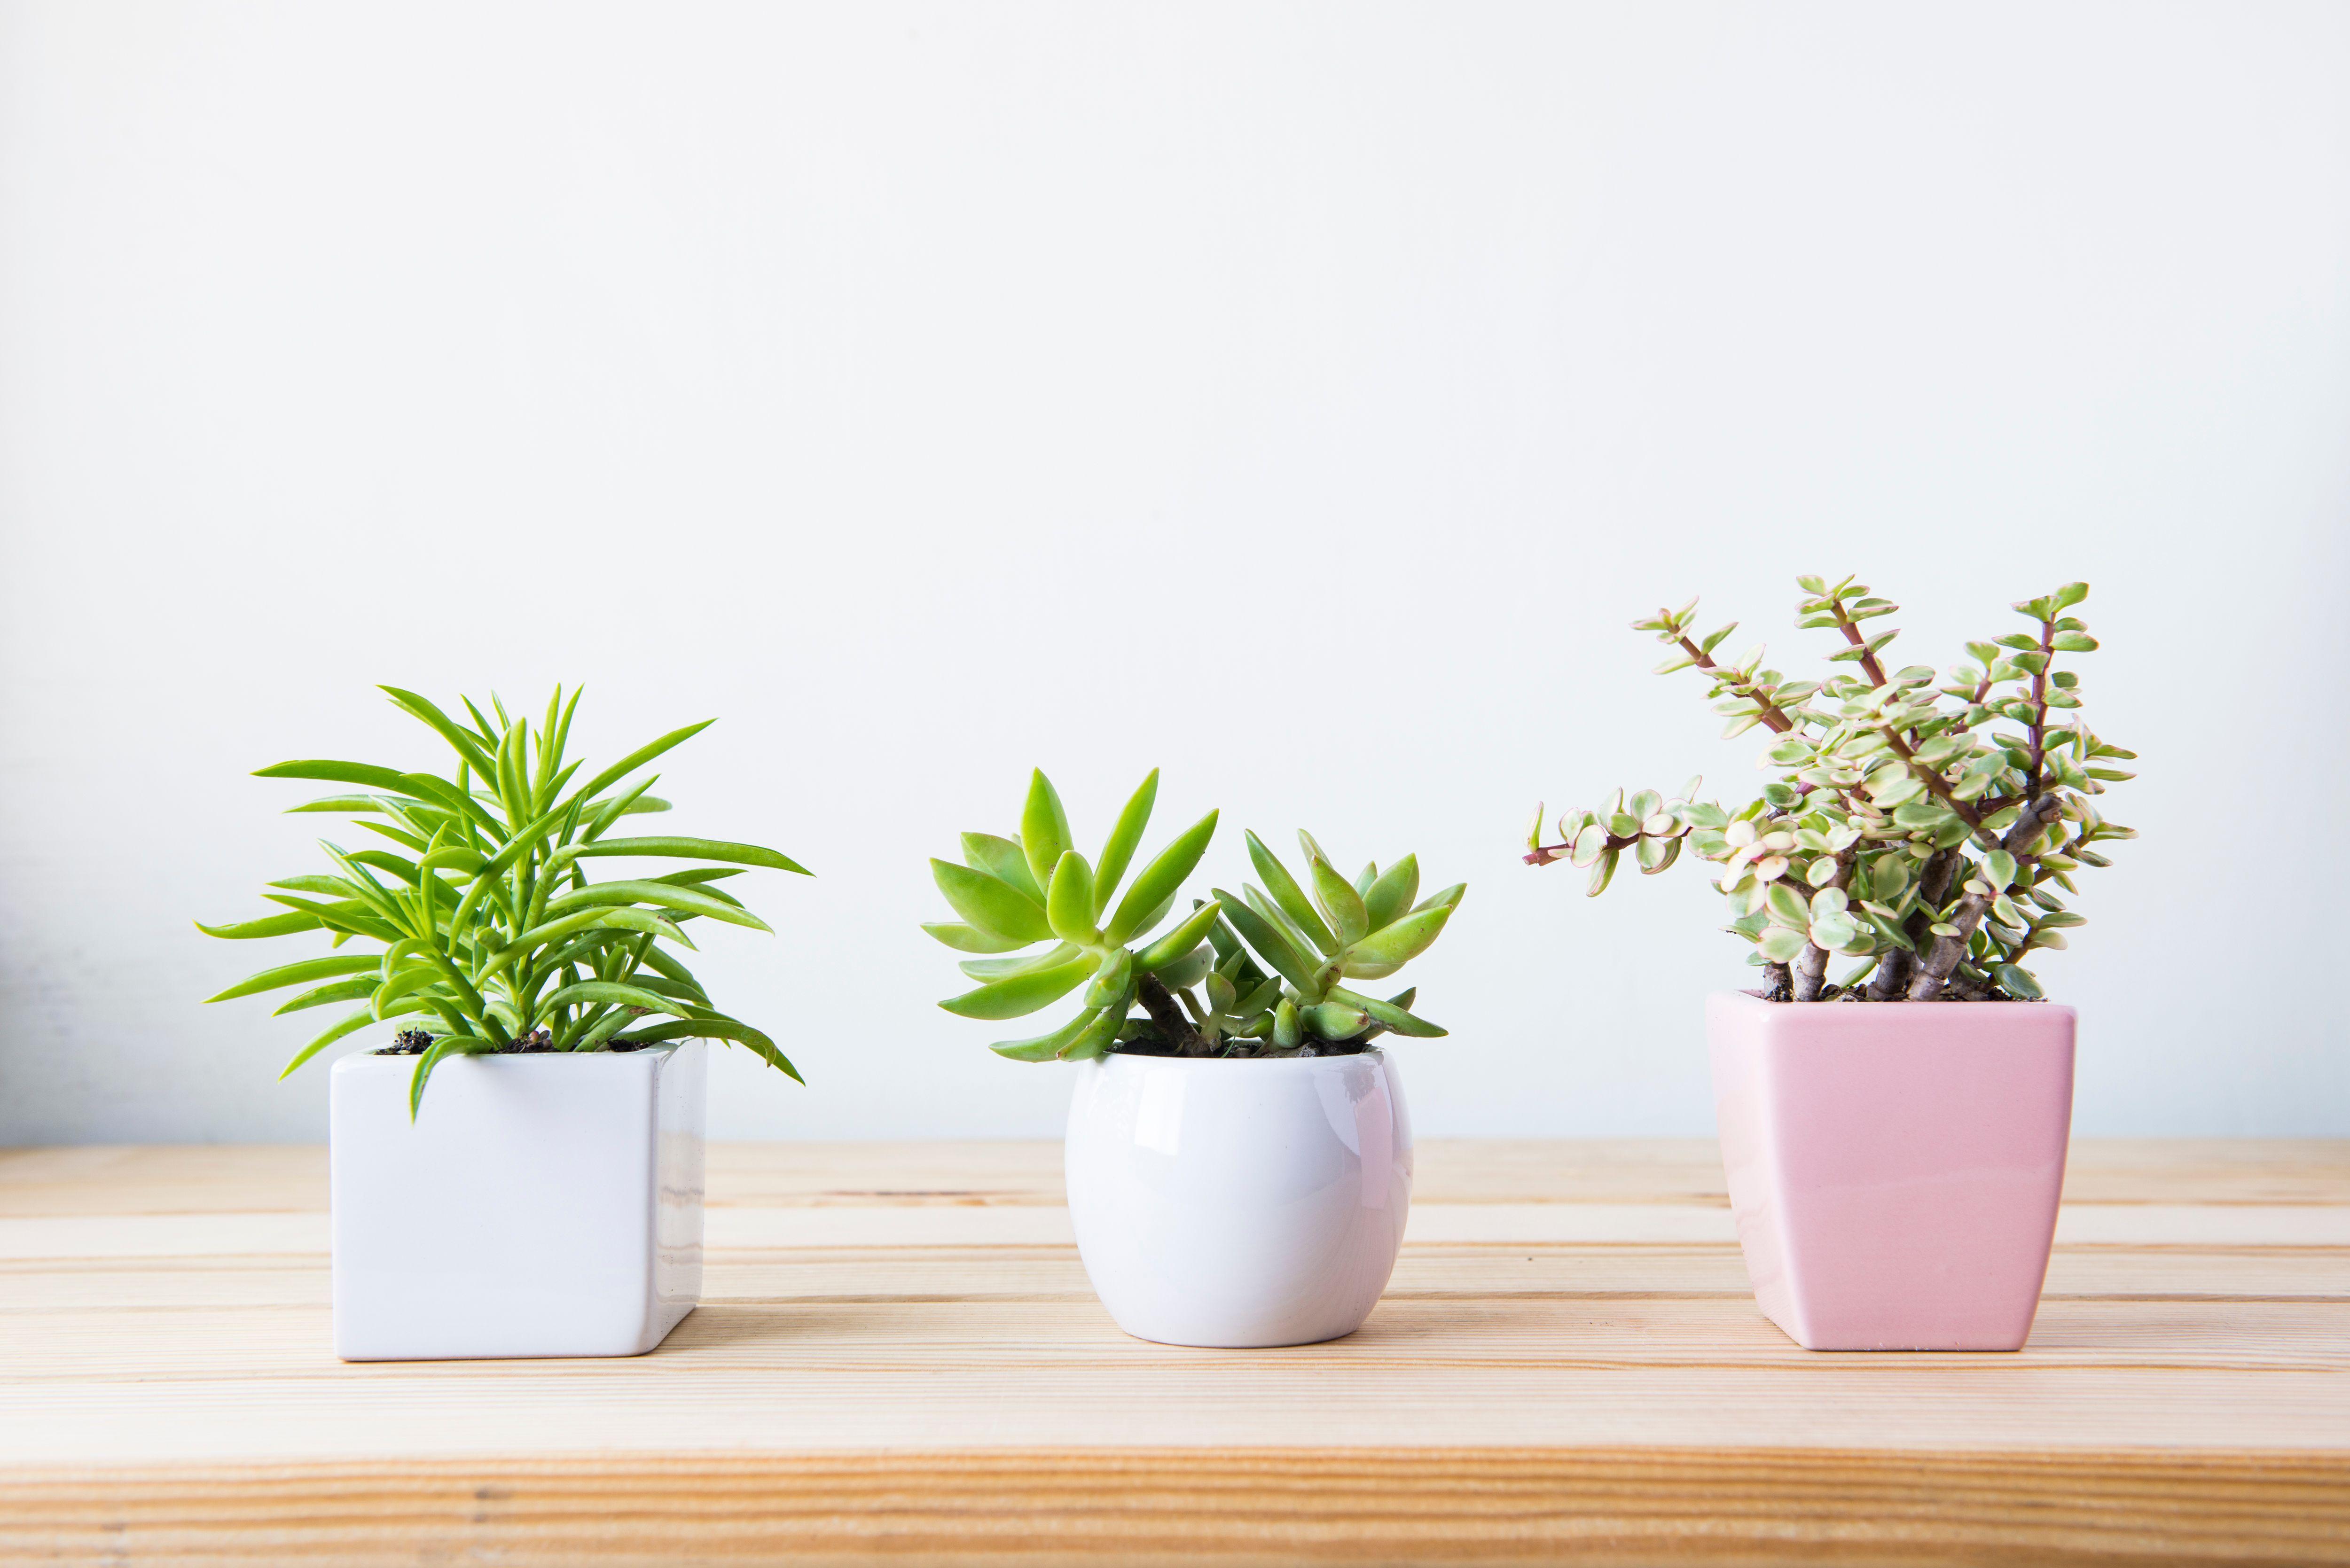 Piante Strane Da Appartamento piante grasse succulente 2019: quelle da avere in casa